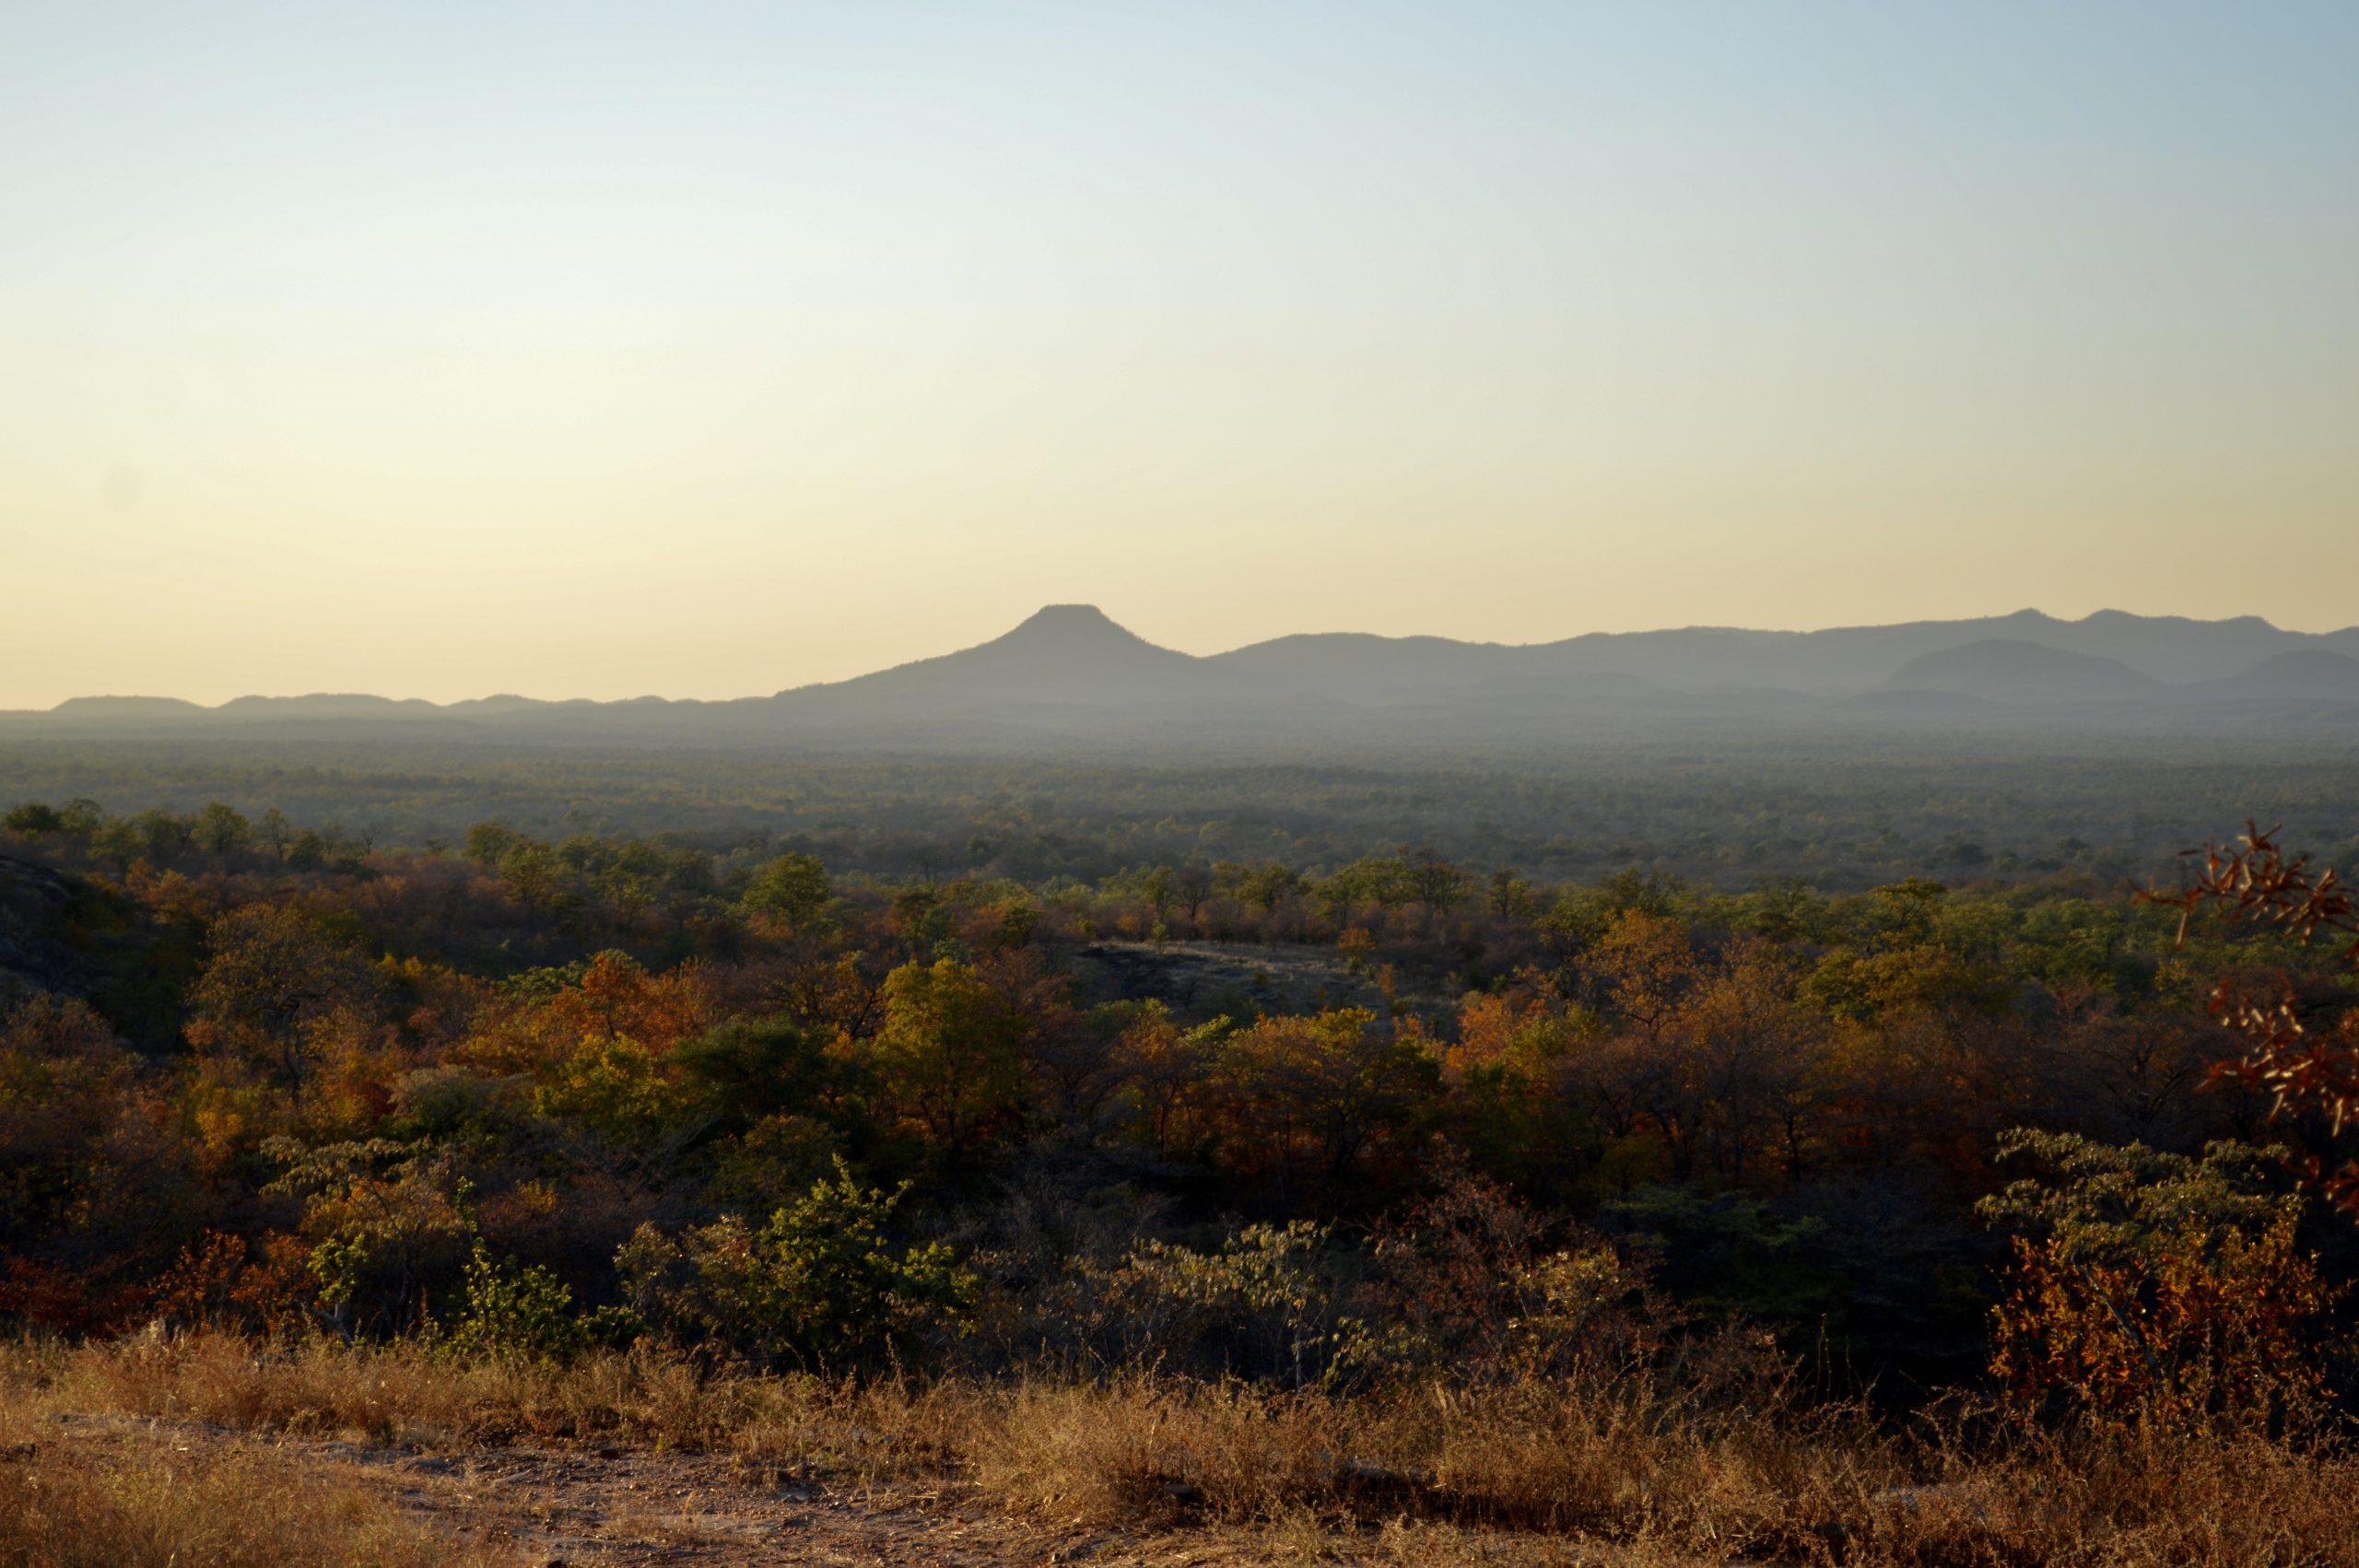 Chewore South – The Tashinga Initiative